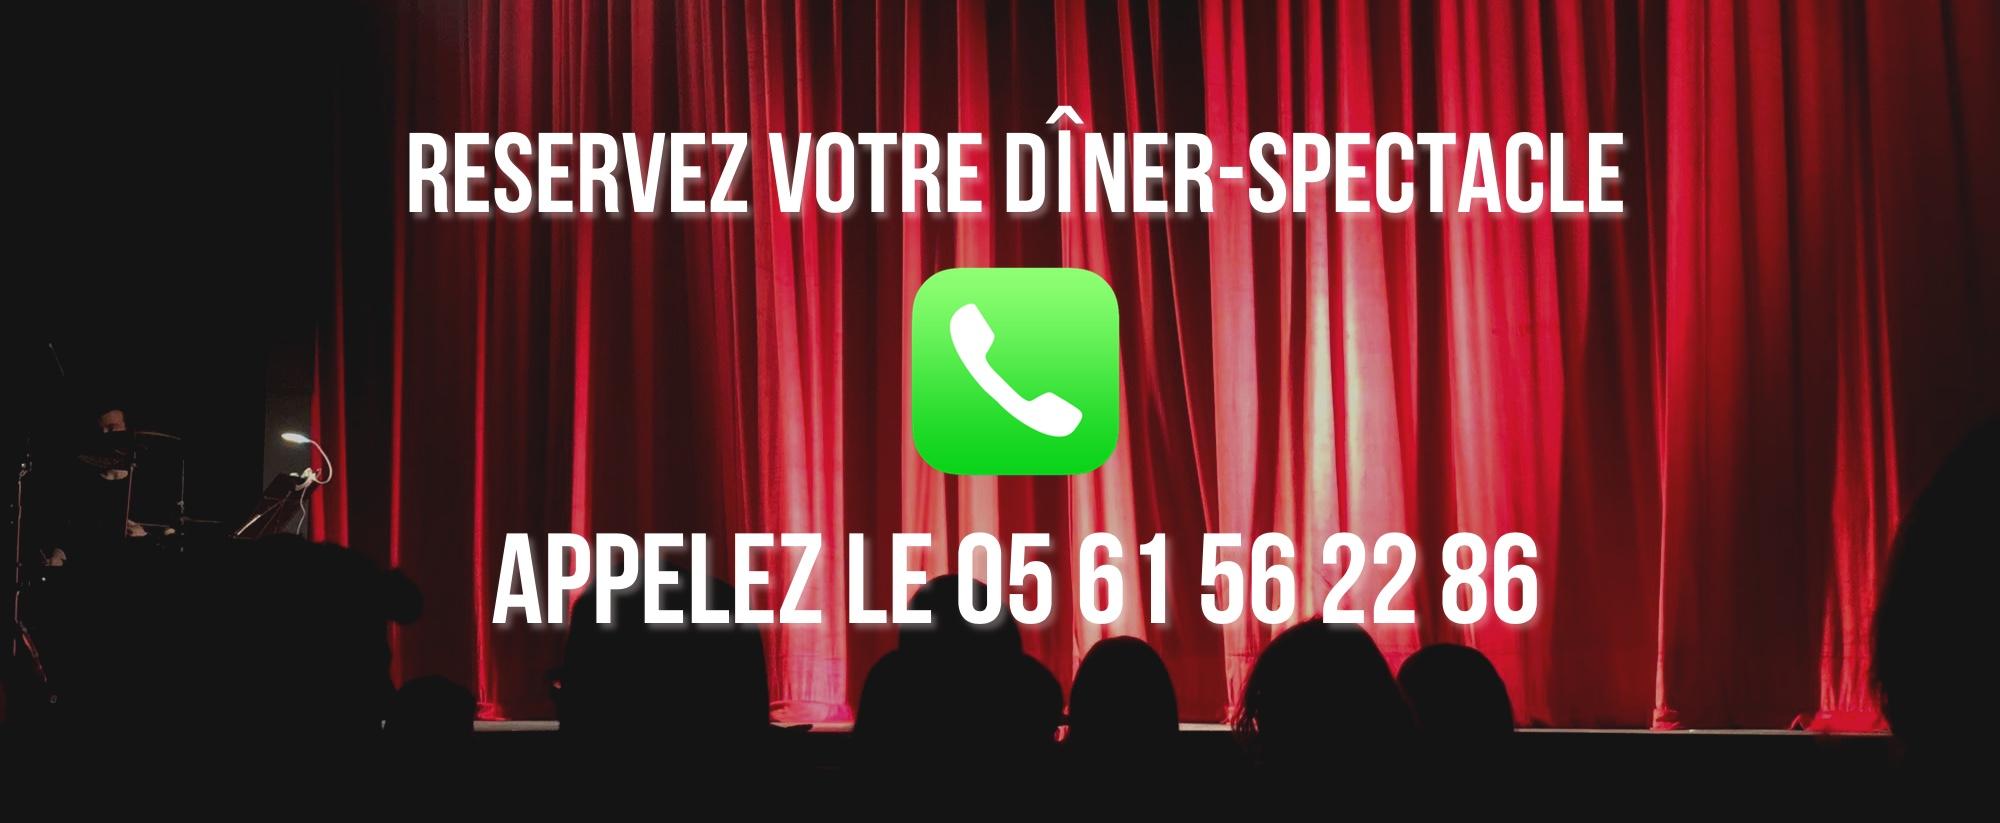 Contacter un CABARET à TOULOUSE (réservations dîner-spectacle)